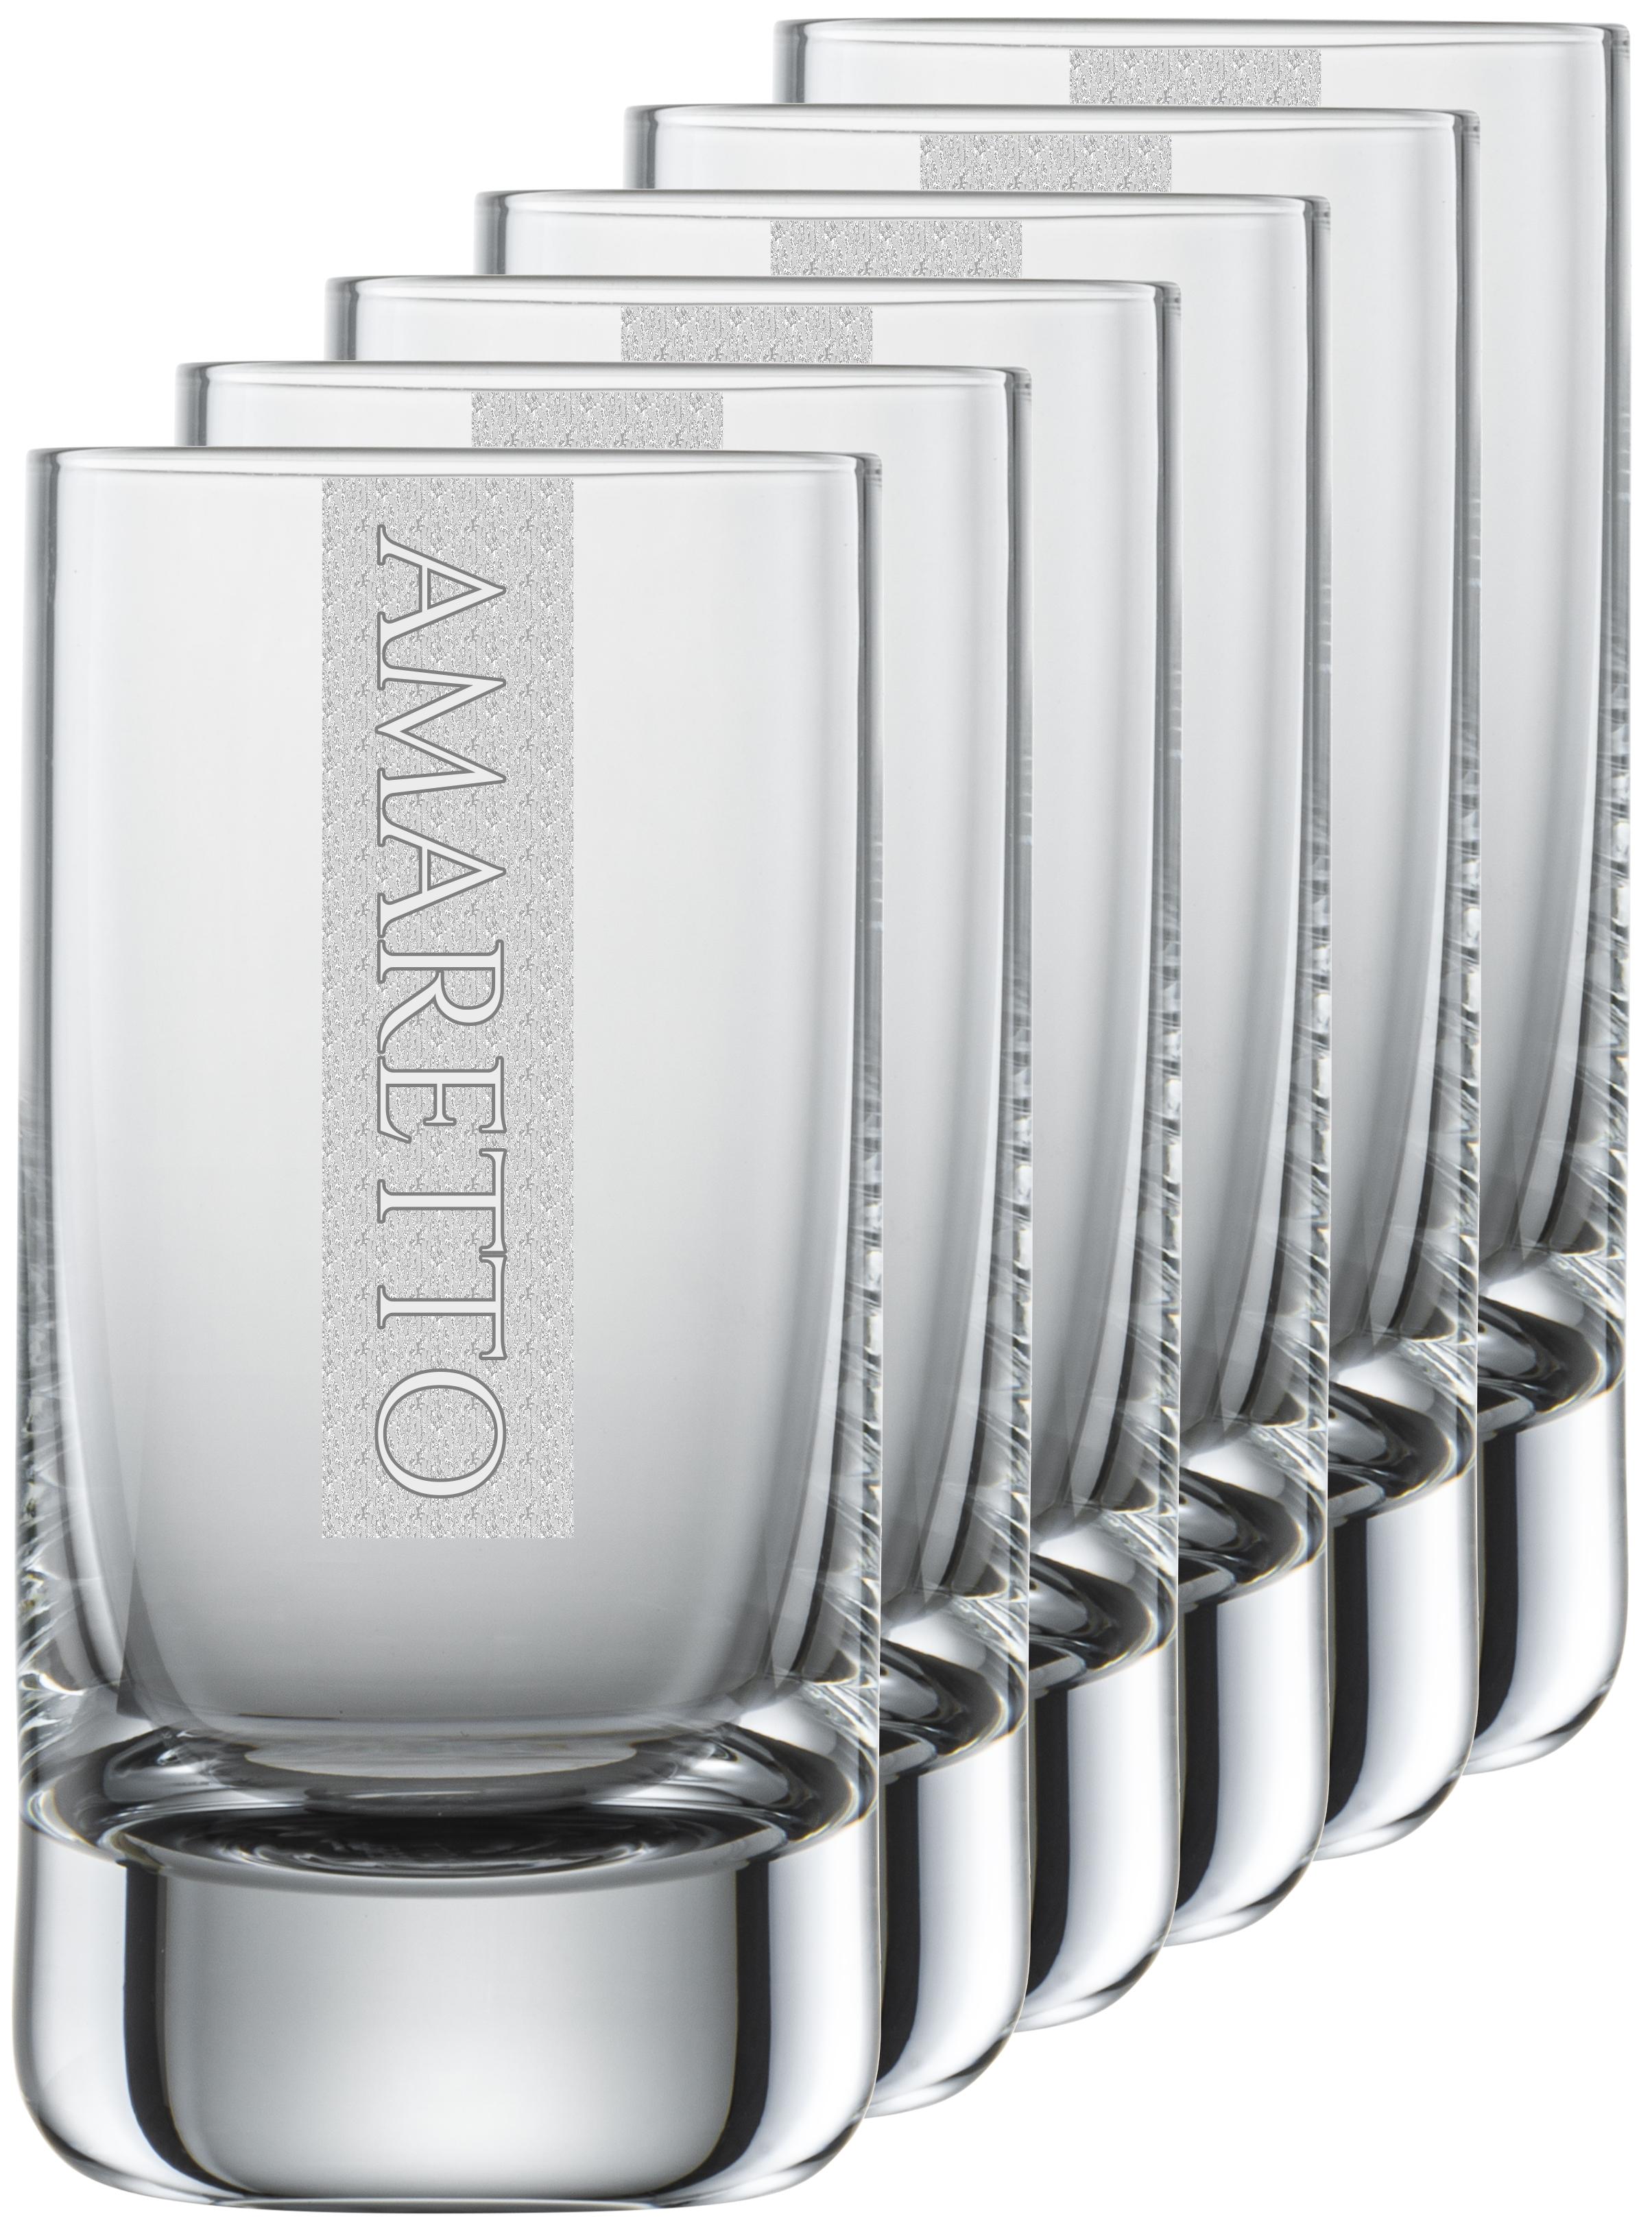 AMARETTO Gläser   6 Stück 5cl Schott Schnapsglas   CoolGlas